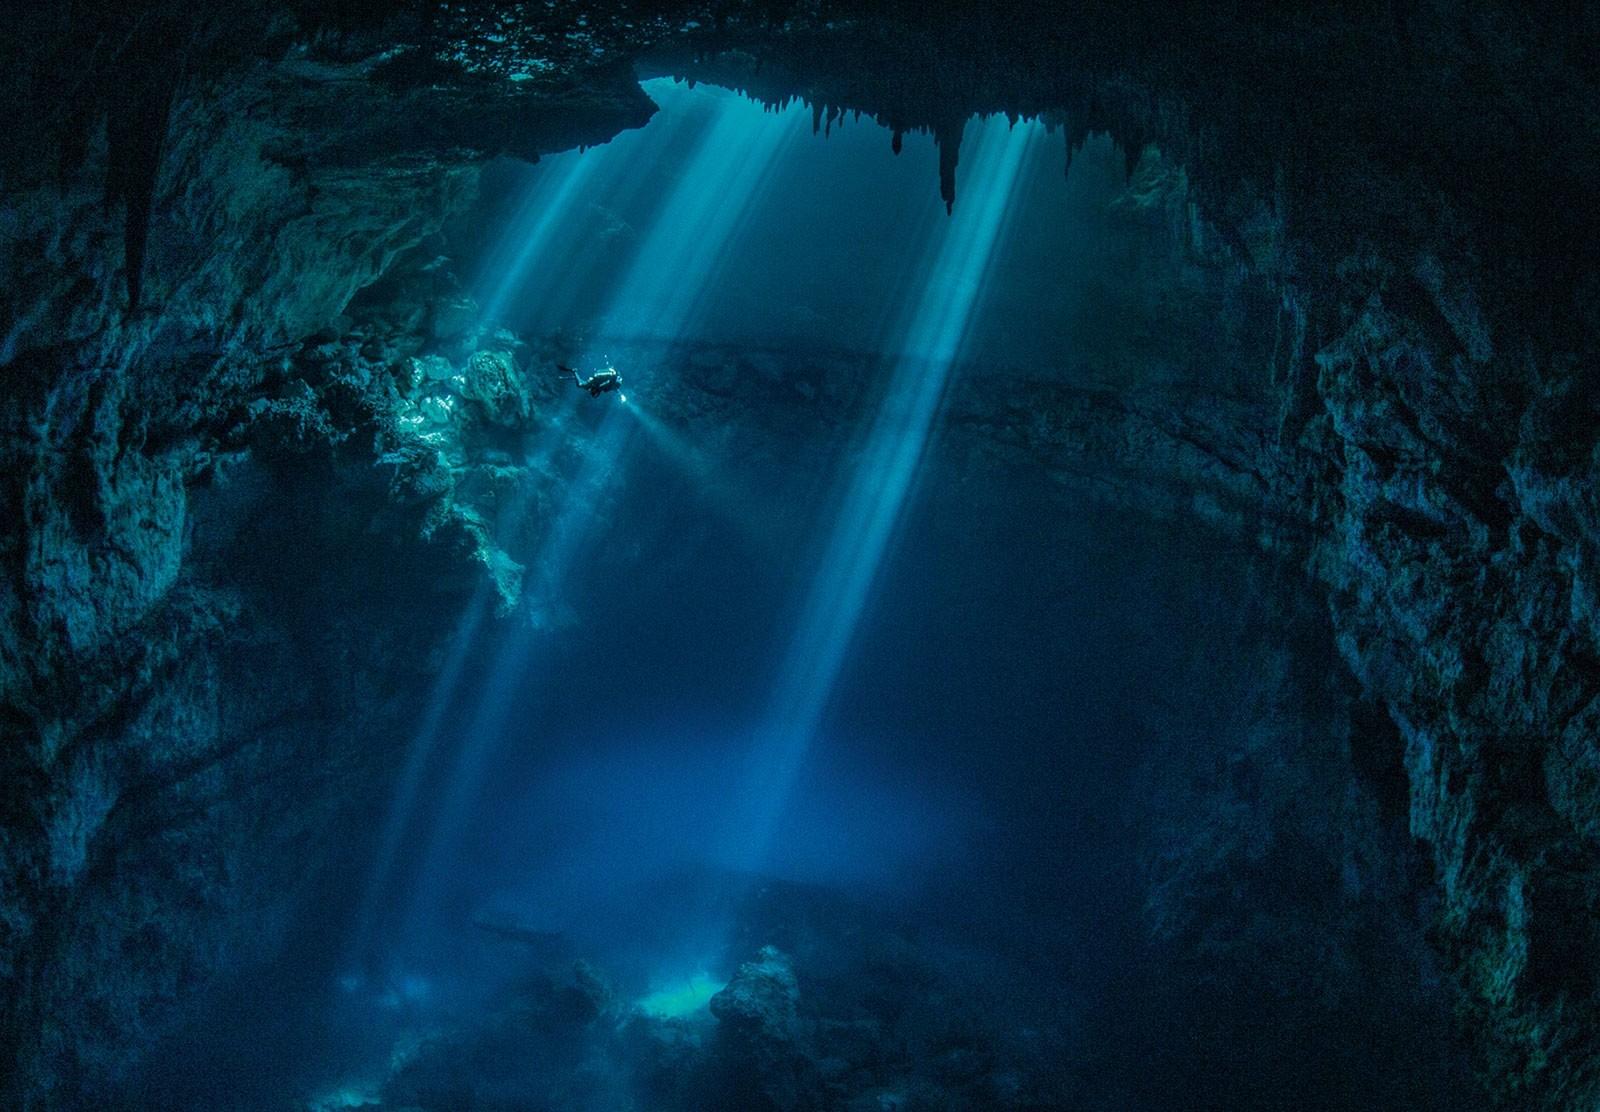 Underwater Cave Wallpaper - WallpaperSafari